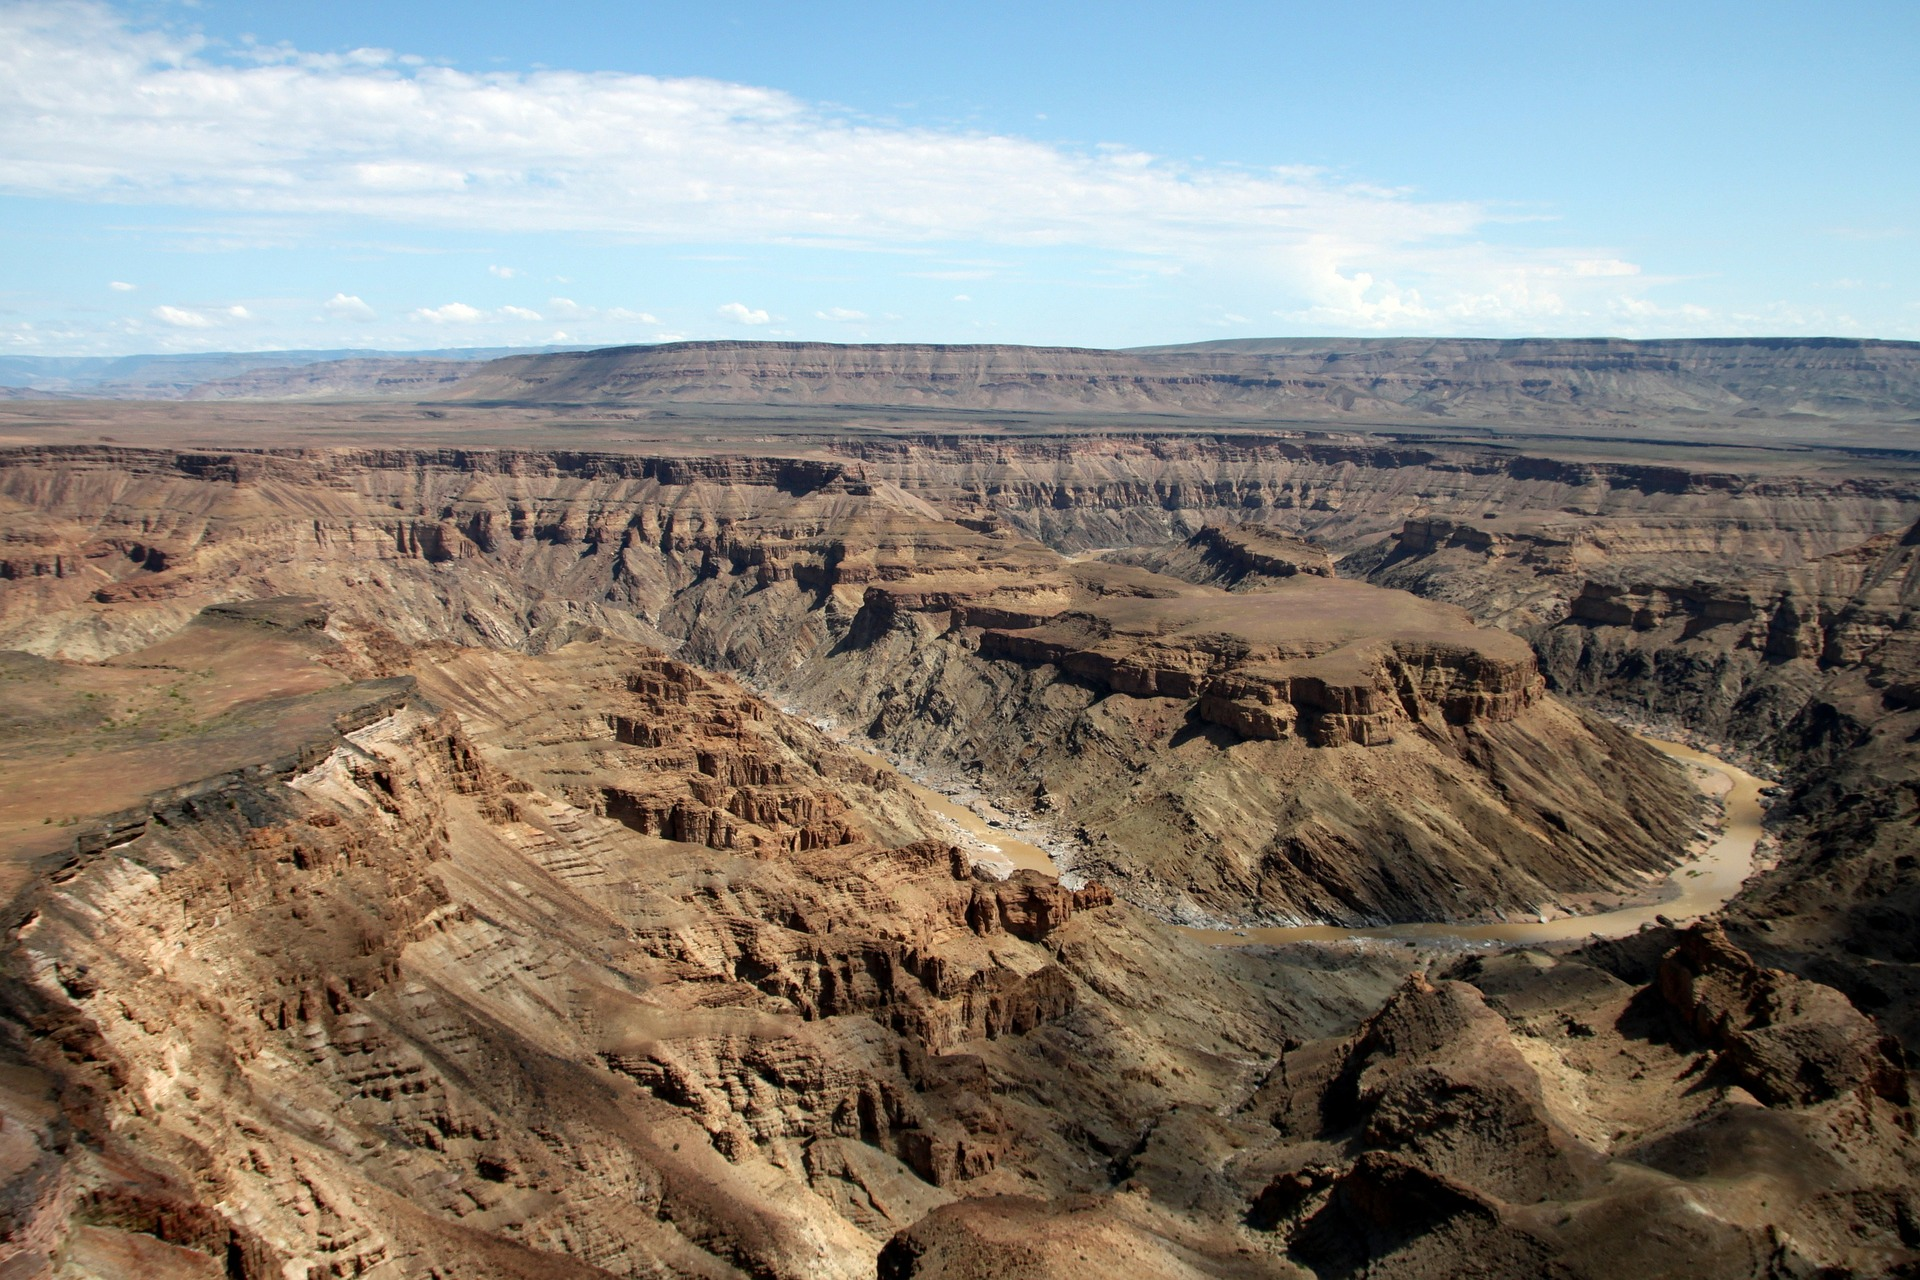 canyon-49847_1920